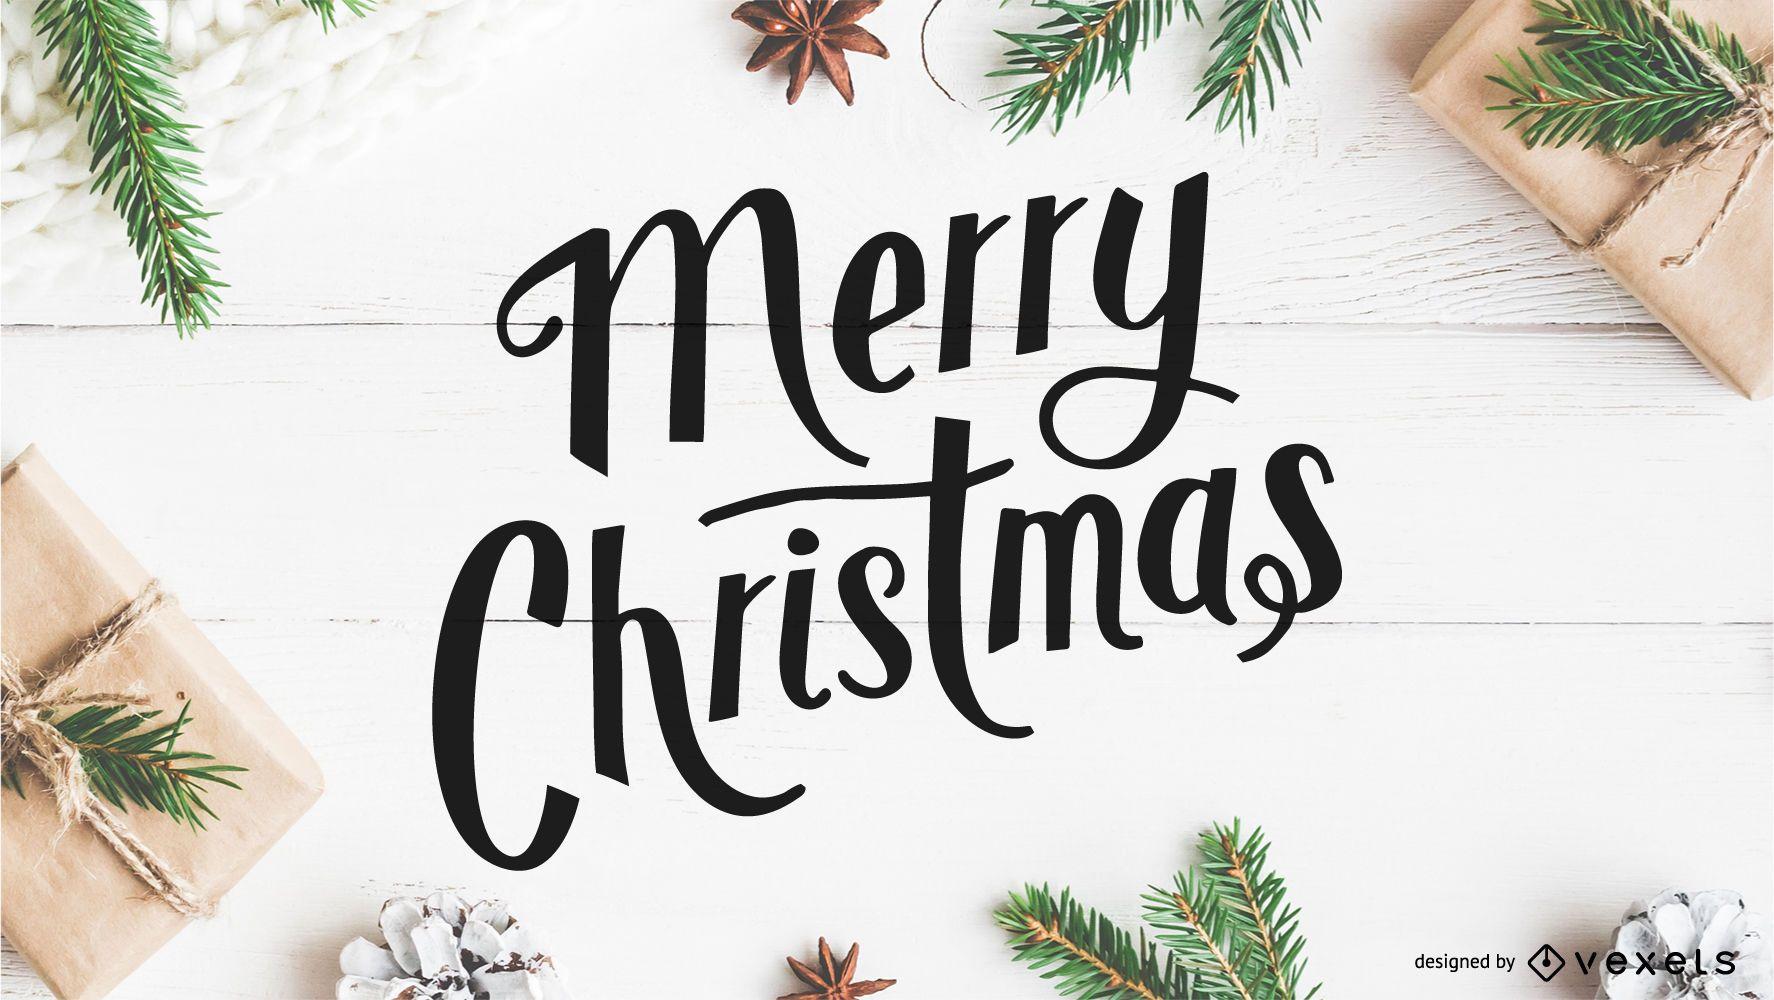 Schriftzug Frohe Weihnachten Beleuchtet.Frohe Weihnachten Kunstlerische Schriftzug Vektor Download